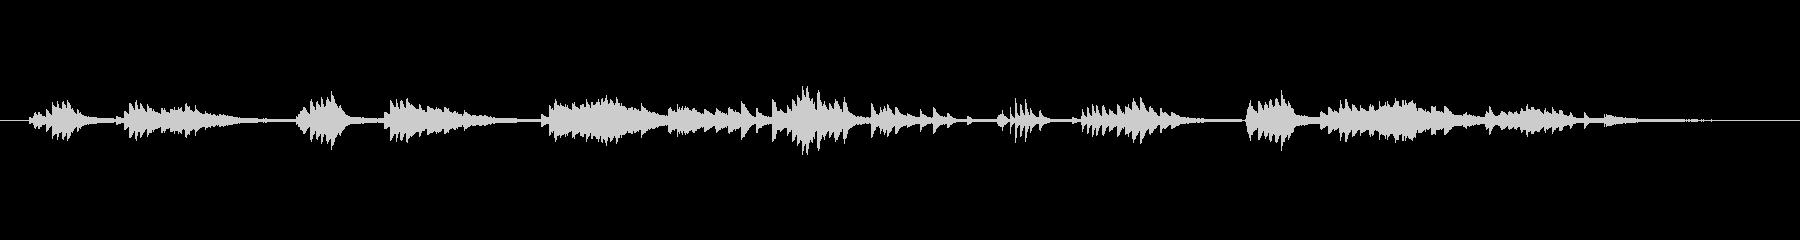 ・あまり主張しない、静かなピアノソロ曲…の未再生の波形